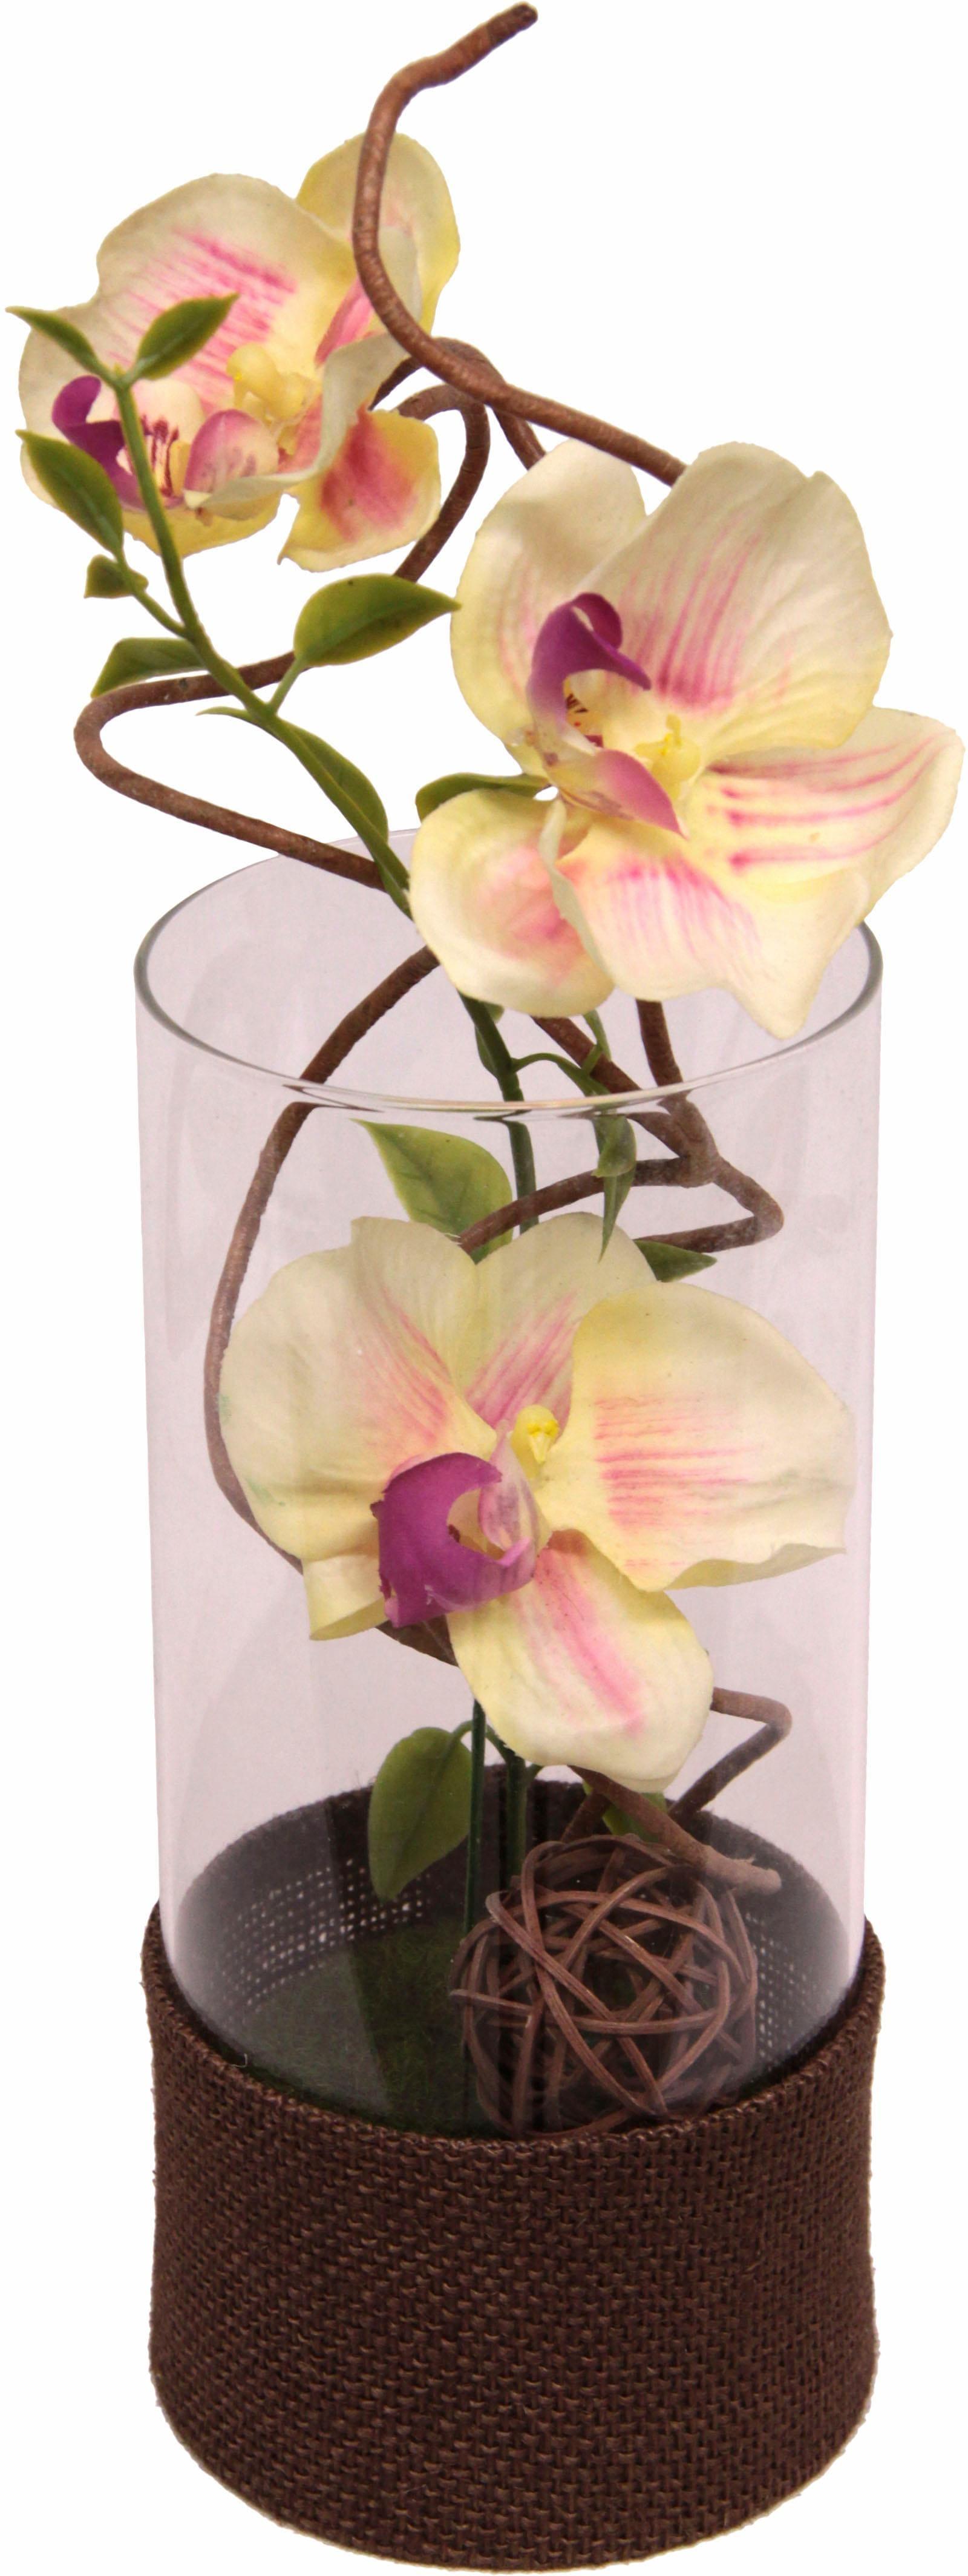 Home affaire Kunstpflanze Orchidee Technik & Freizeit/Heimwerken & Garten/Garten & Balkon/Pflanzen/Kunstpflanzen/Kunst-Orchideen